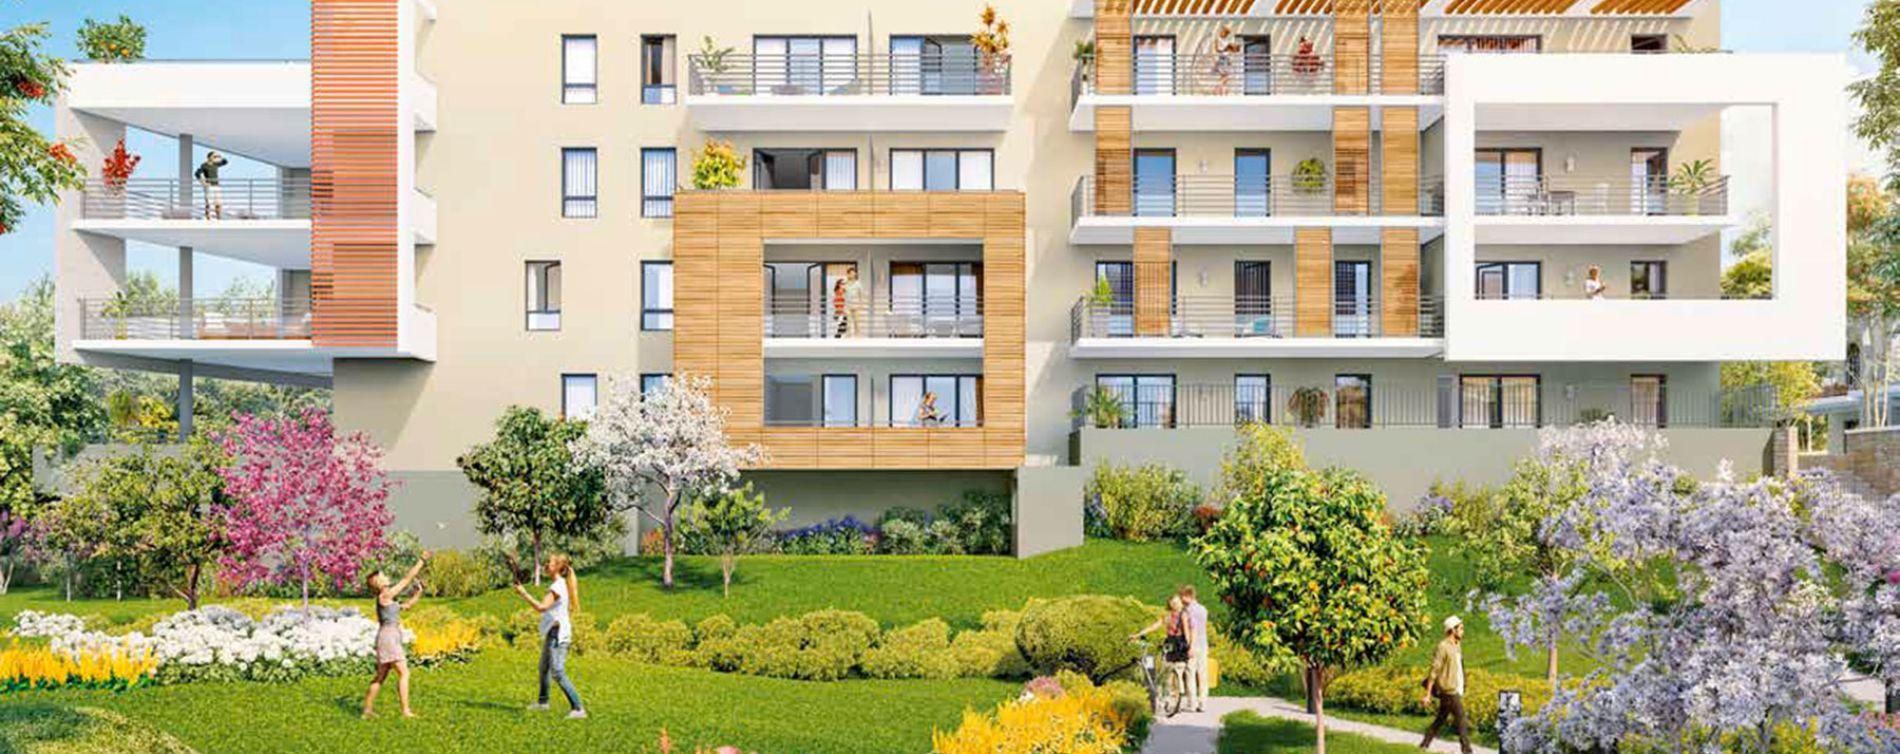 Résidence Boréal à Aix-en-Provence